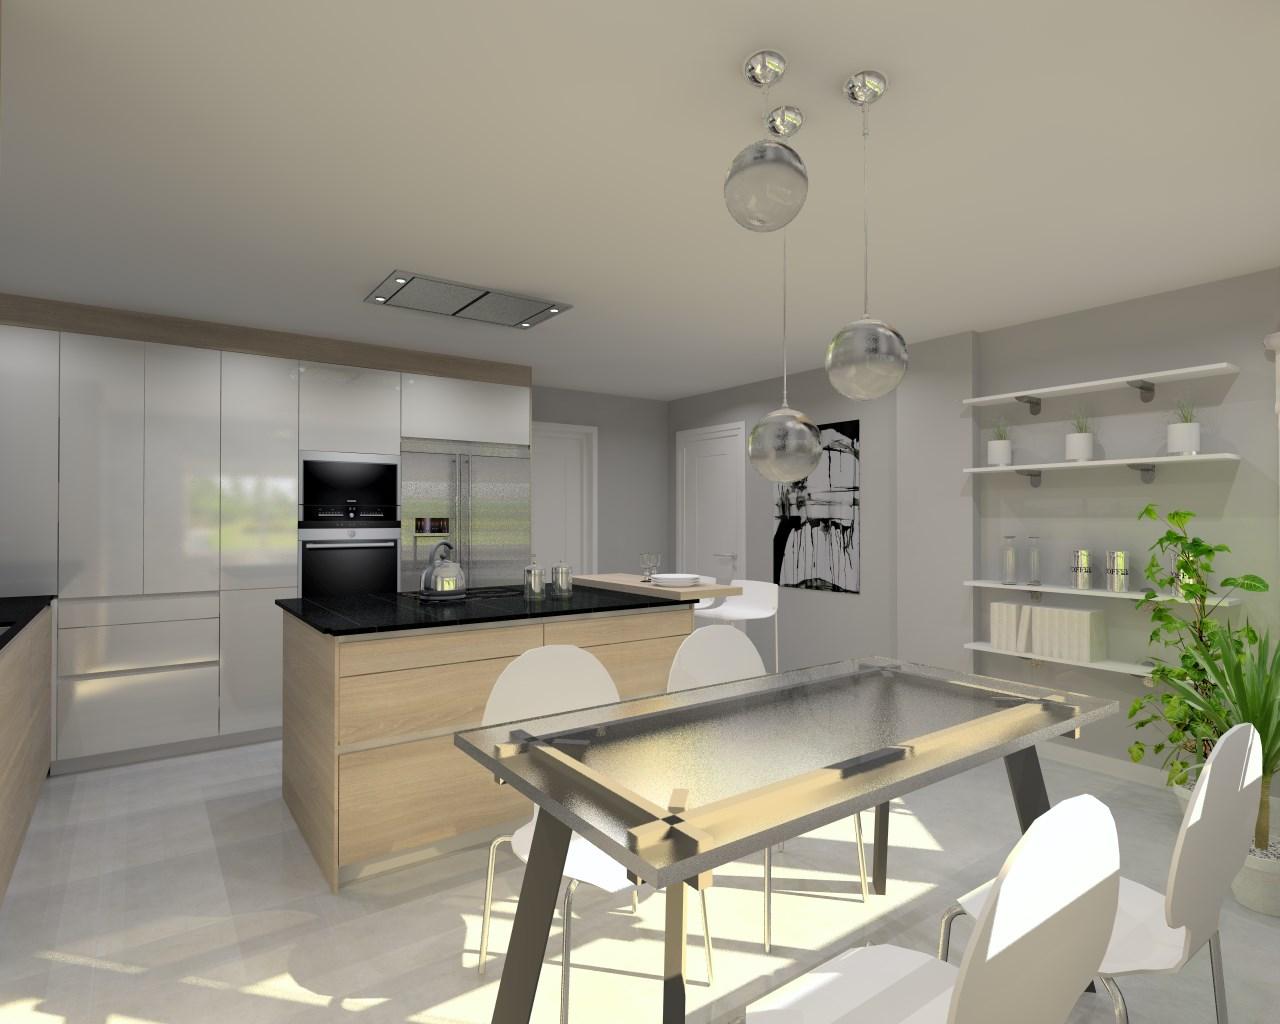 Cocina Santos Modelo Line E13 Estratificado Brillo Laminado  # Muebles Bajos De Cocina